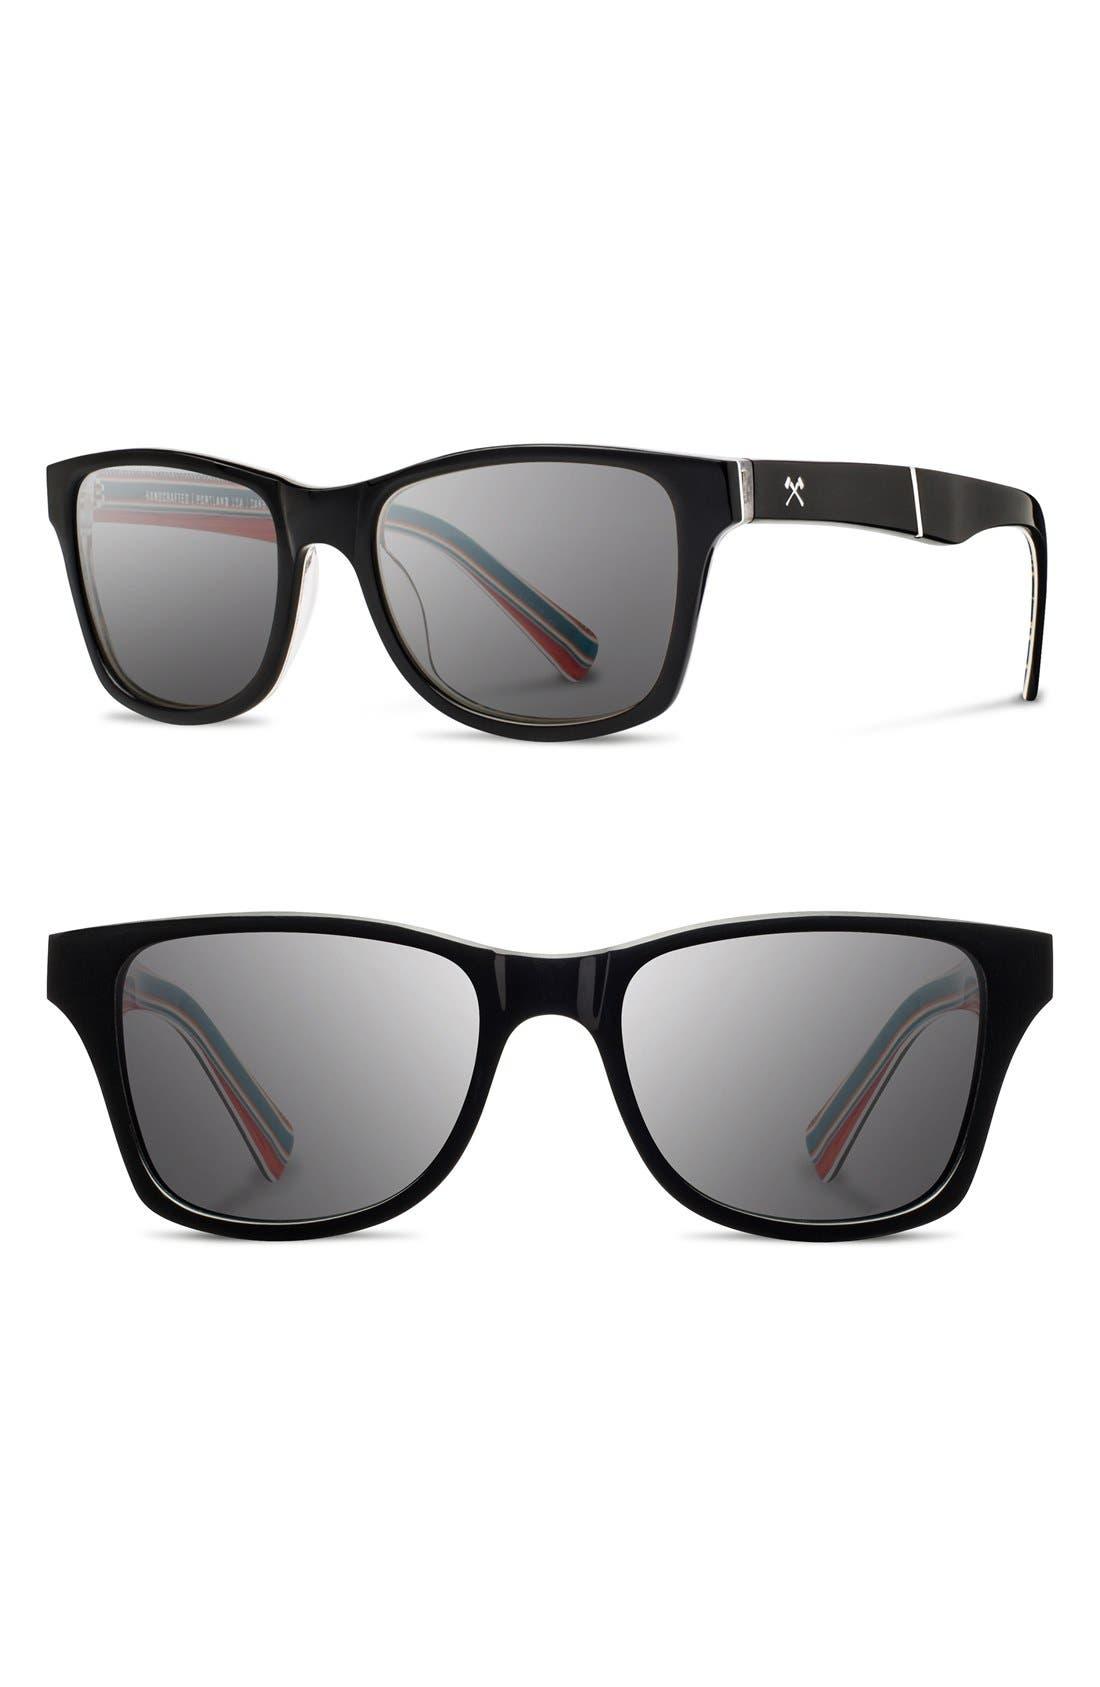 Shwood 'Canby - Pendleton' 54mm Polarized Sunglasses